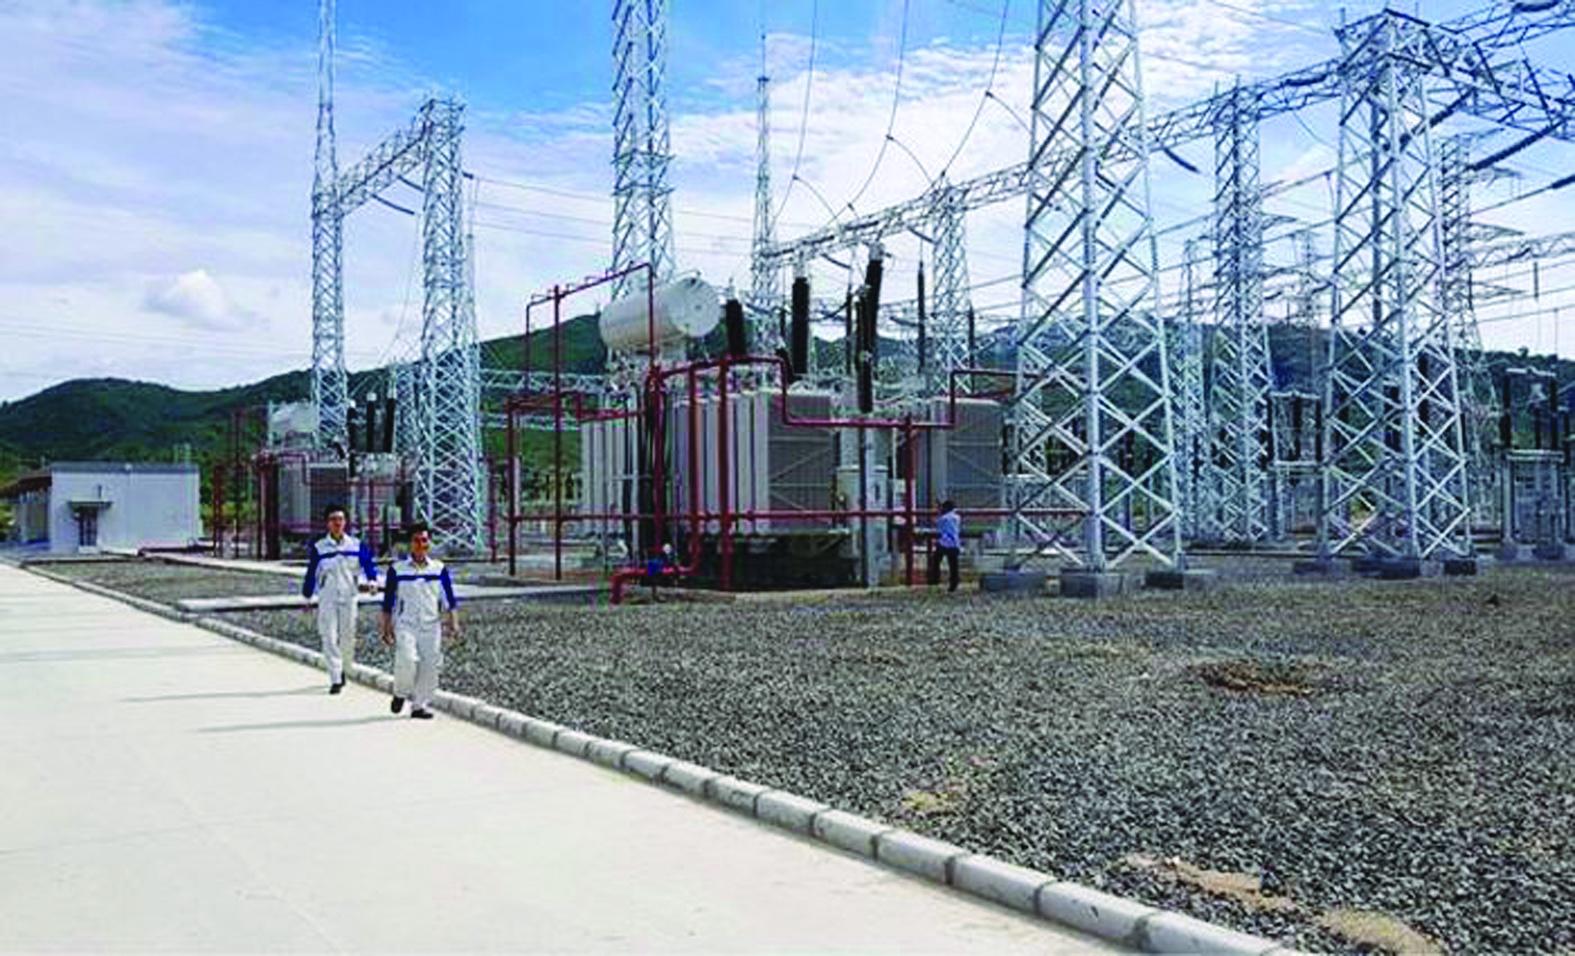 Việc bị buộc cắt giảm công suất điện mặt trời tạo sự bất an cho nhà đầu tư về rủi ro chính sách. Ảnh: Nhà máy điện mặt trời Hòa Hội, tỉnh Phú Yên.